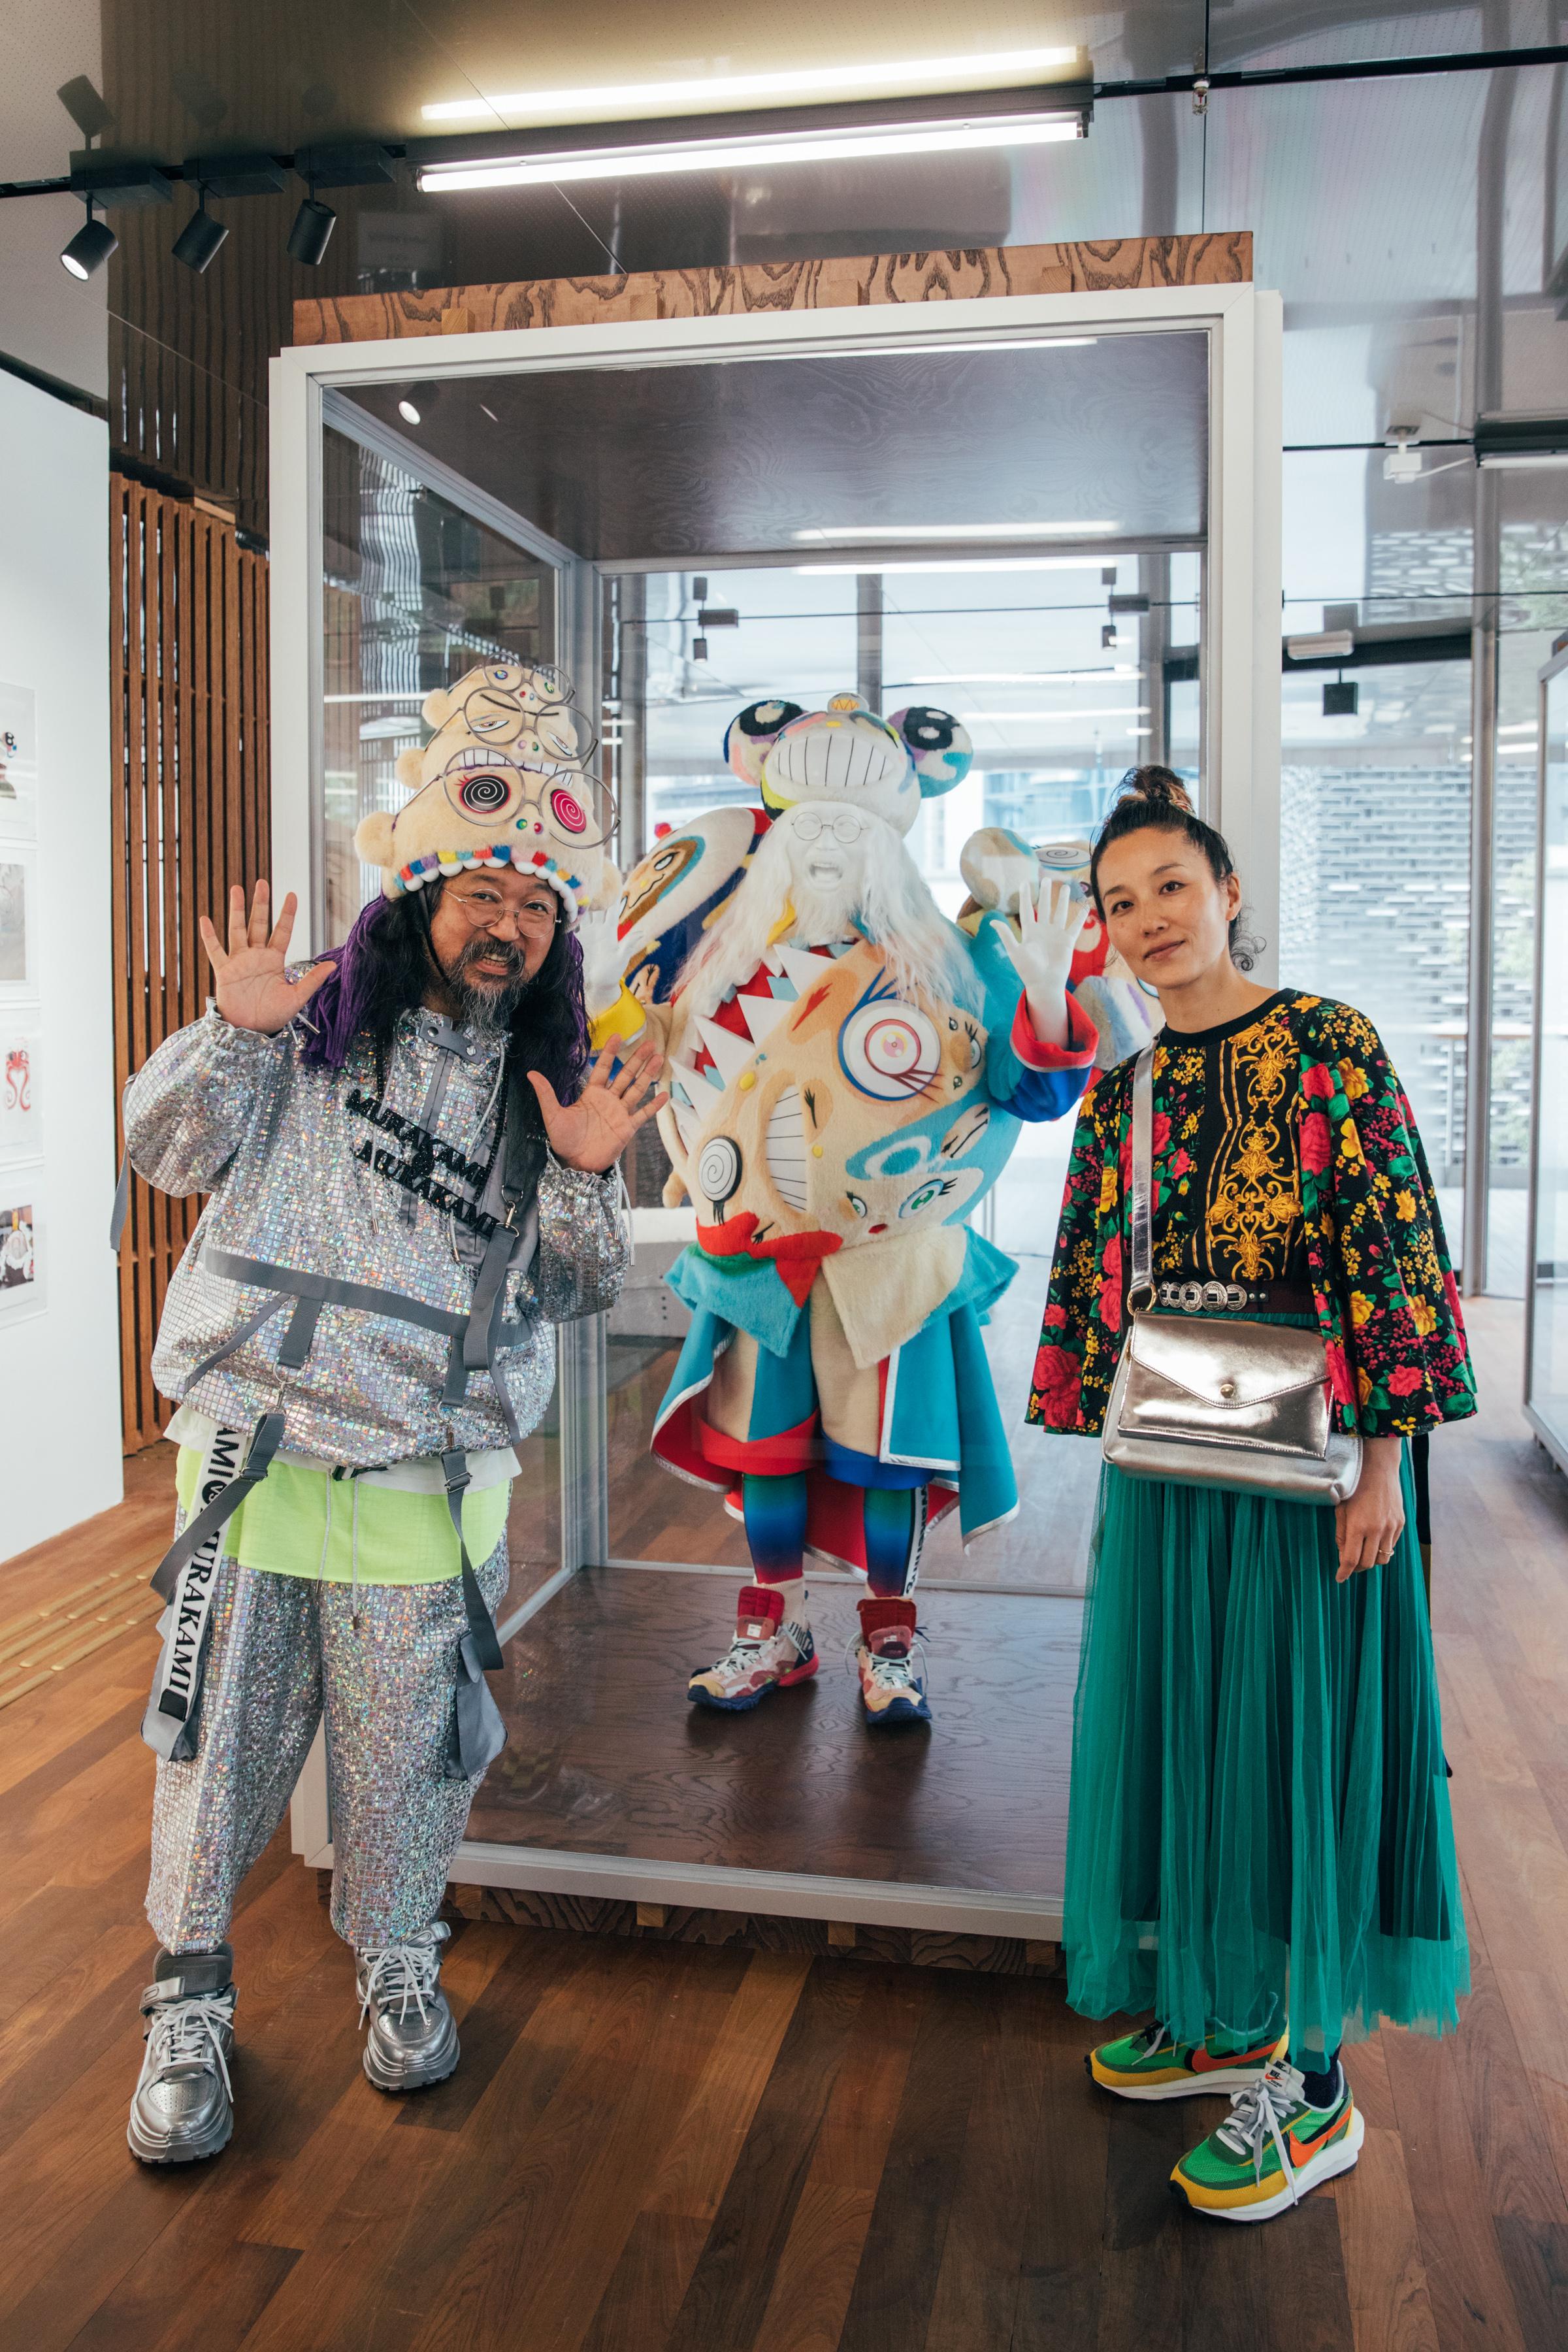 Takashi Murakami and his stylist, Kazuki Yunoki, at the JC Contemporary gallery in Tai Kwun.